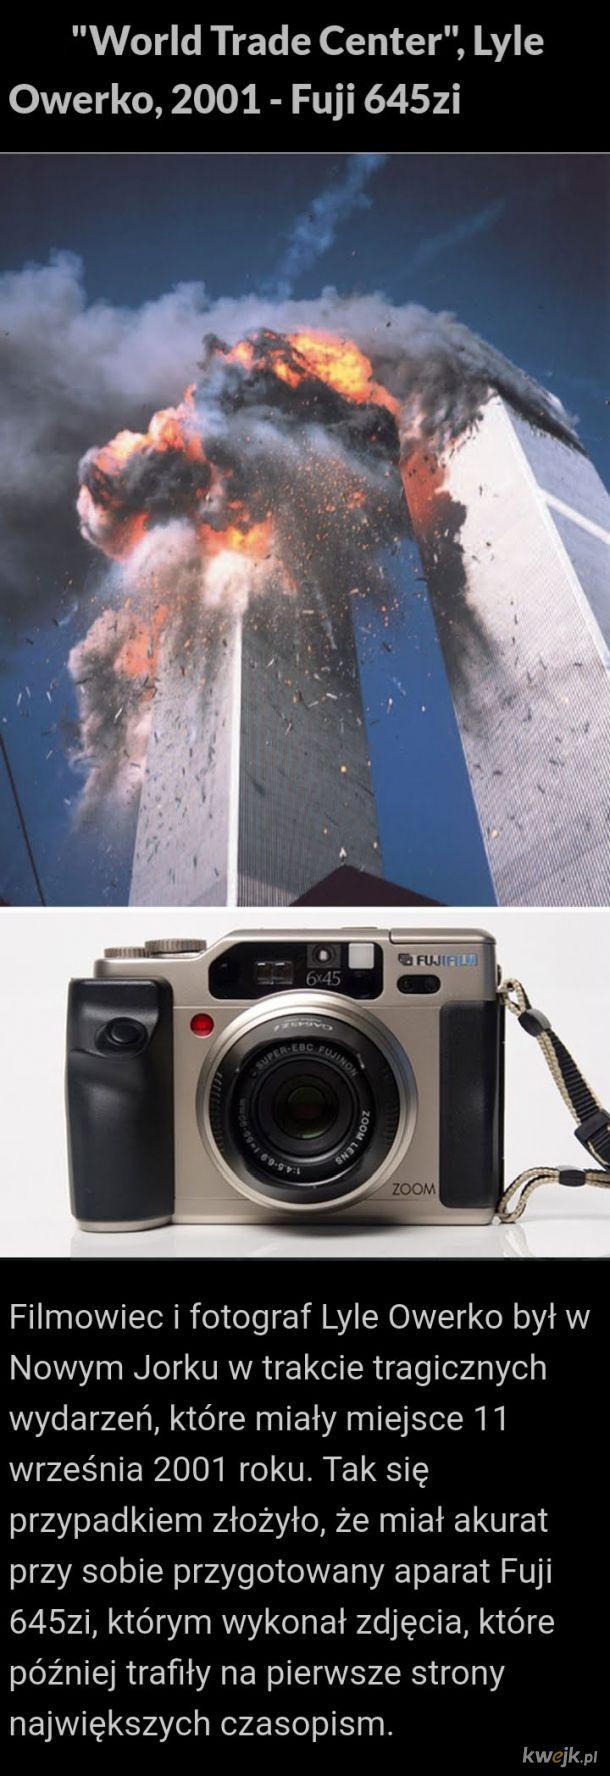 Historyczne zdjęcia i aparaty którymi je wykonano